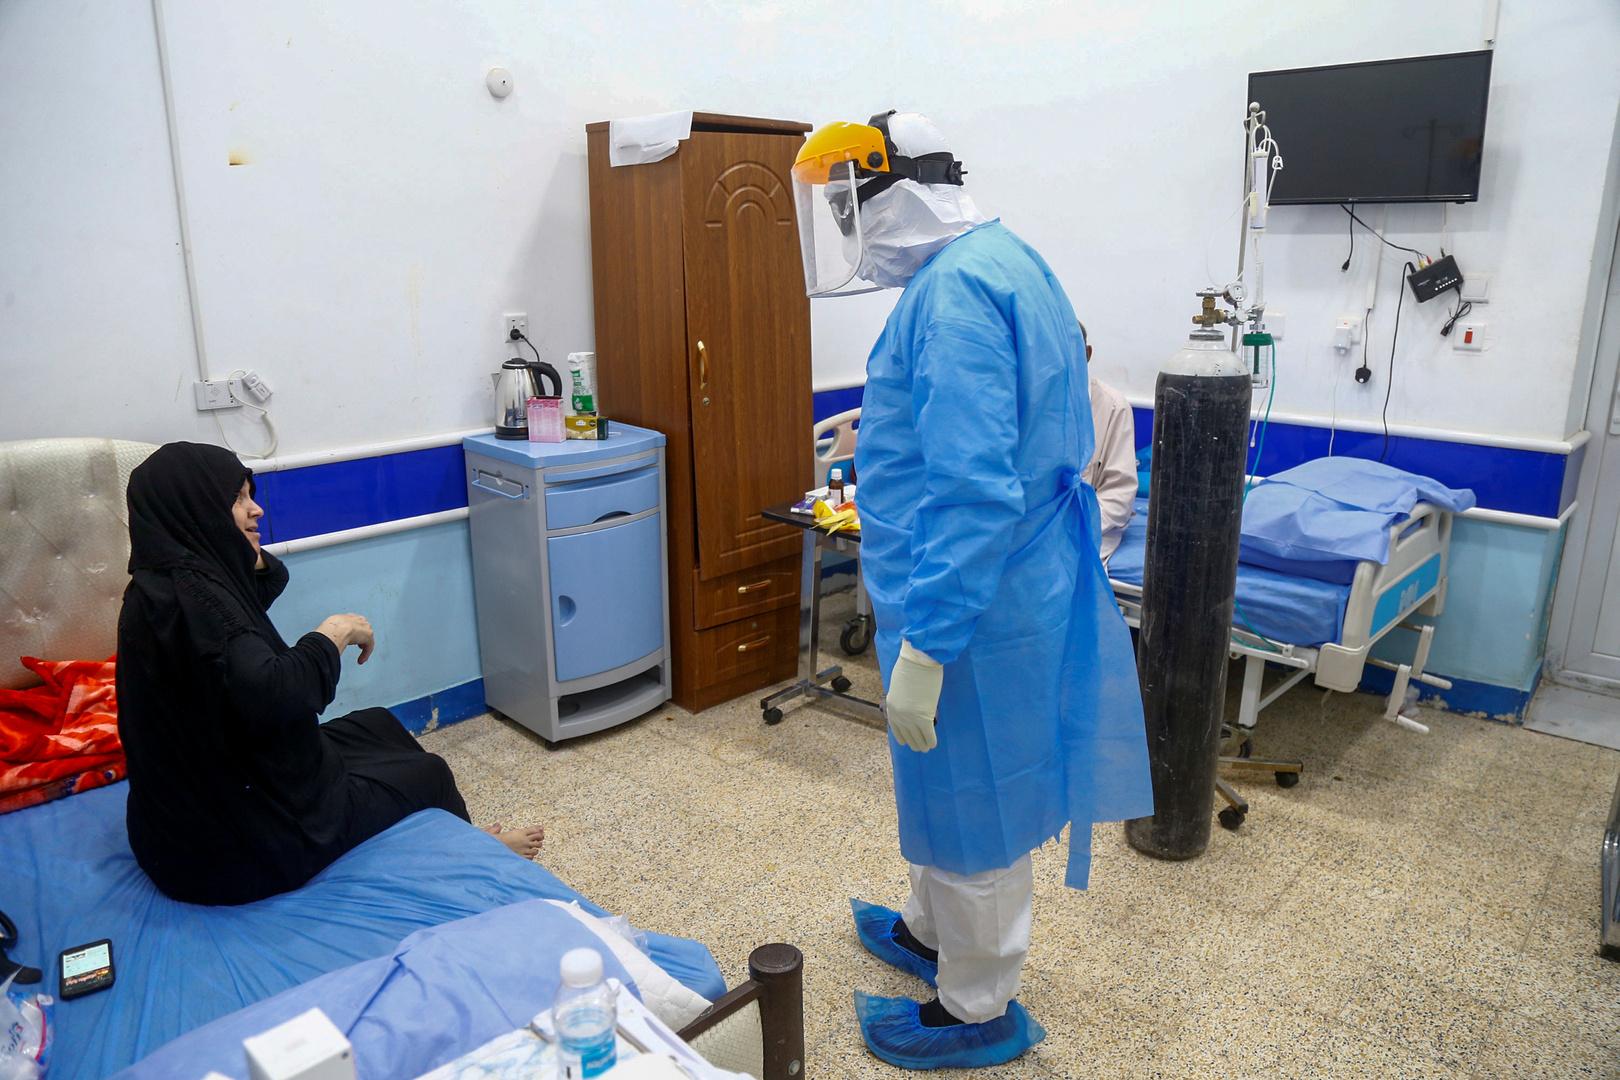 العراق يسجل 2110 إصابات و87 وفاة بكورونا خلال الٰـ24 ساعة الماضية